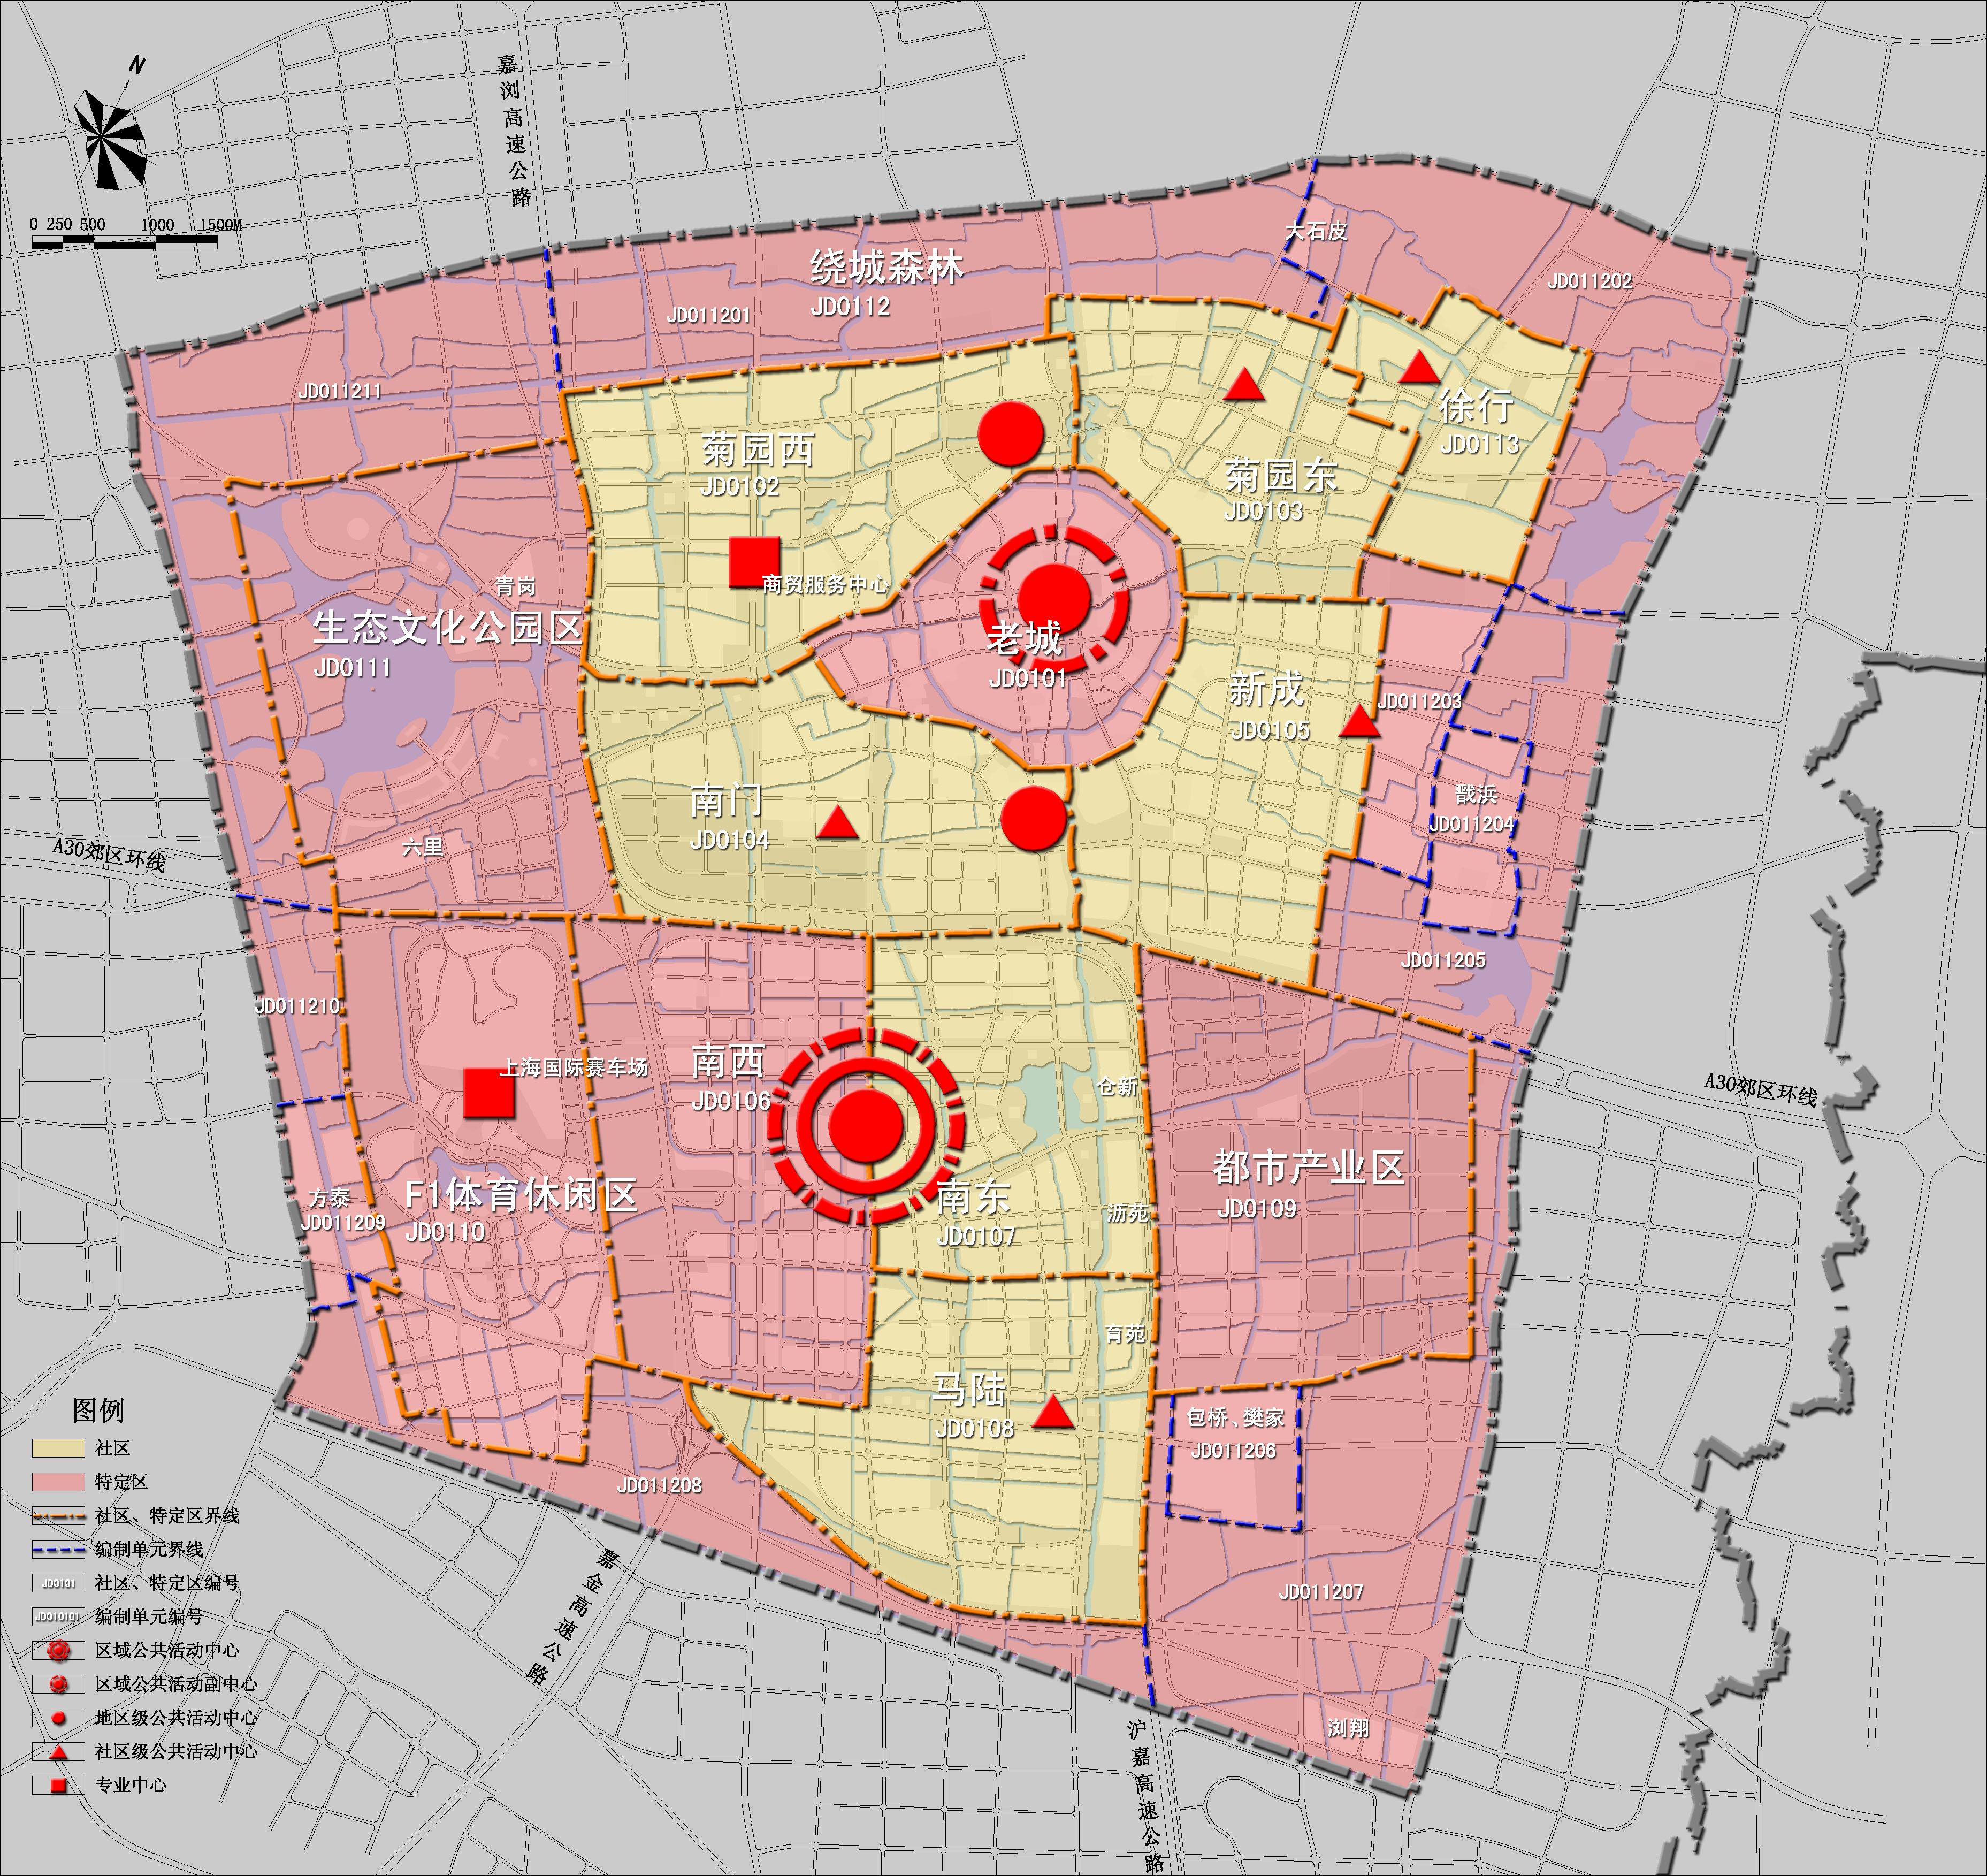 分区结构与公共活动中心规划图